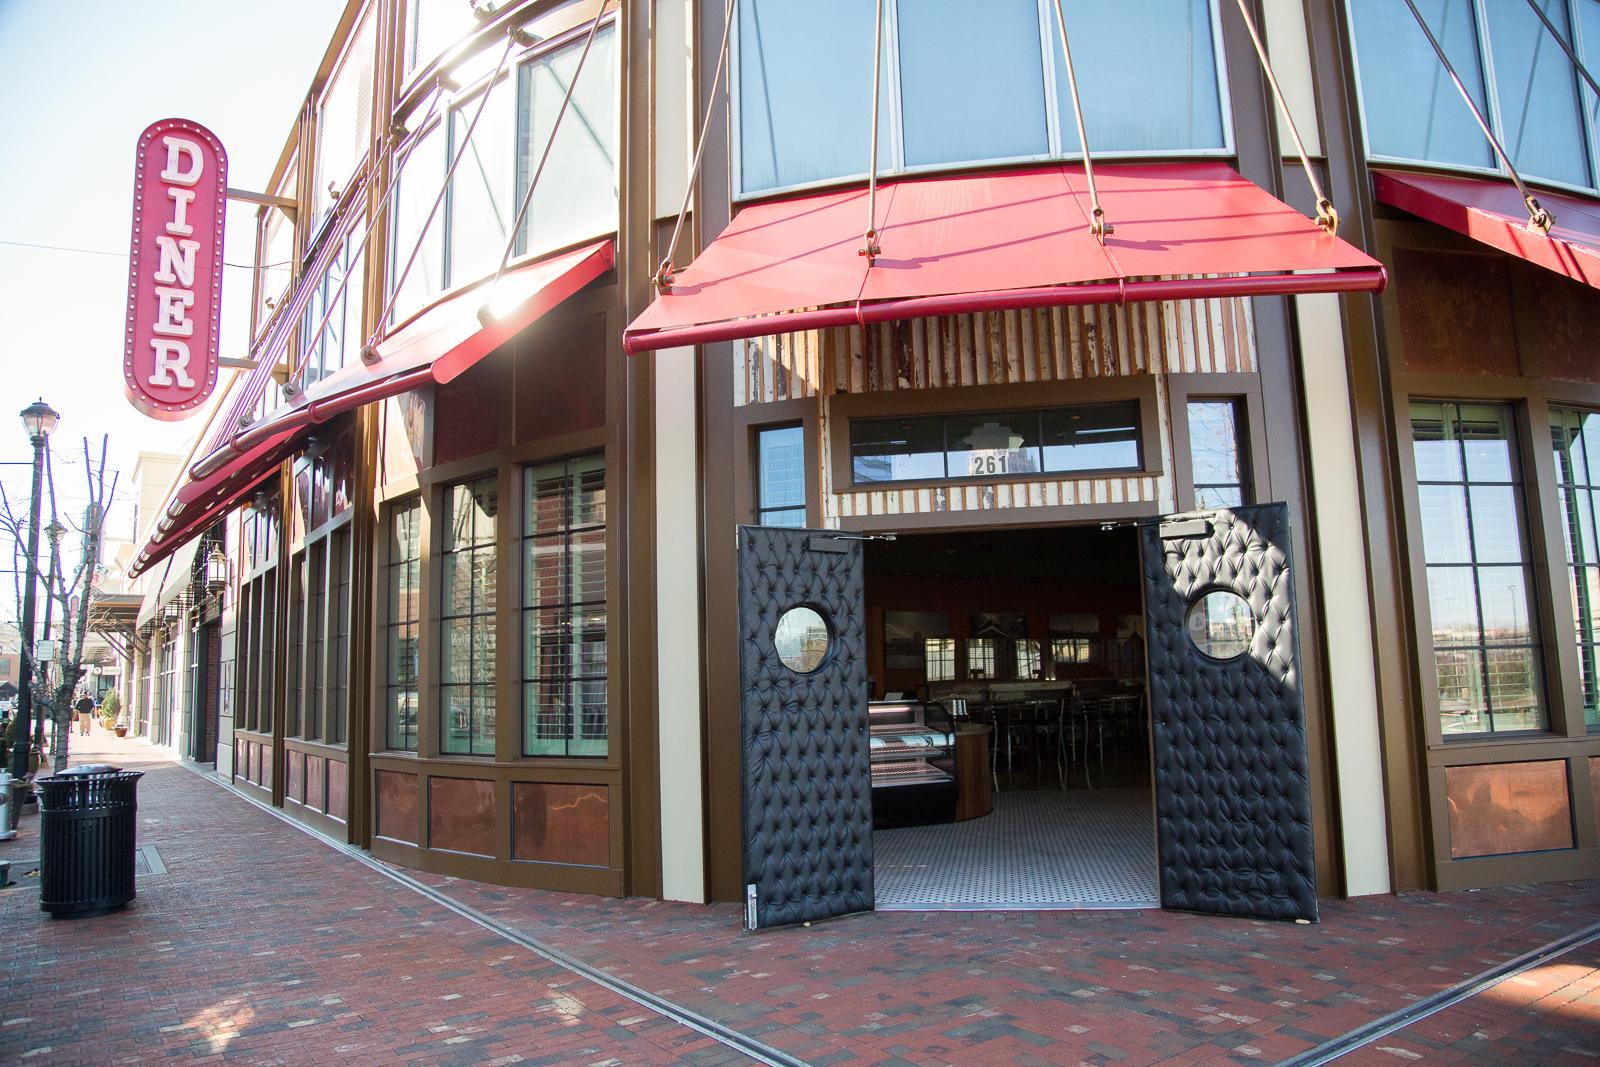 The former Diner.